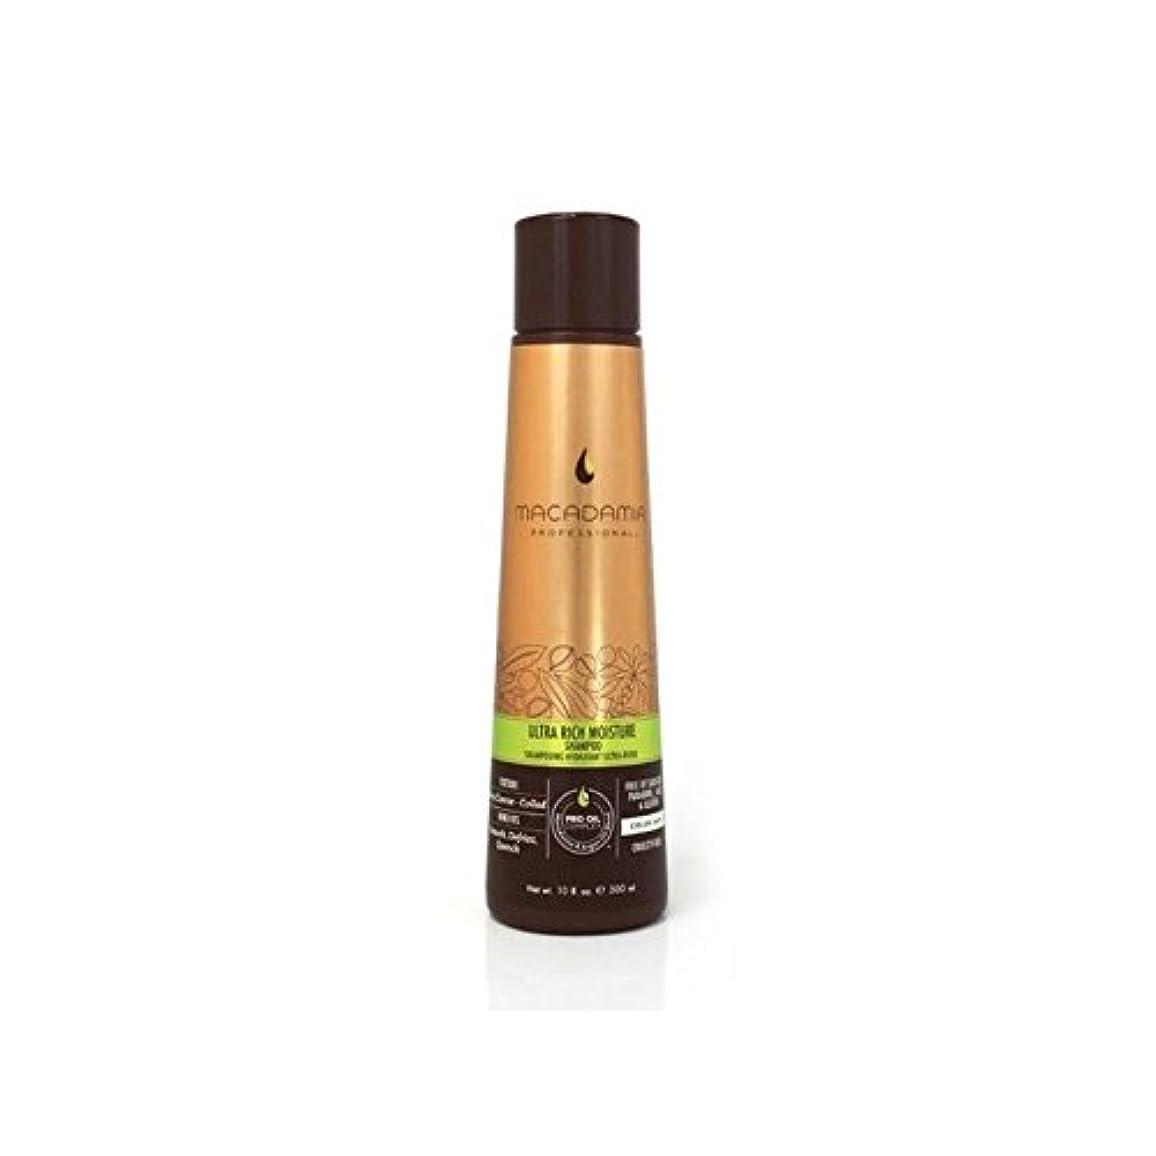 織る誓い挨拶マカダミア超豊富な水分シャンプー(300ミリリットル) x4 - Macadamia Ultra Rich Moisture Shampoo (300ml) (Pack of 4) [並行輸入品]